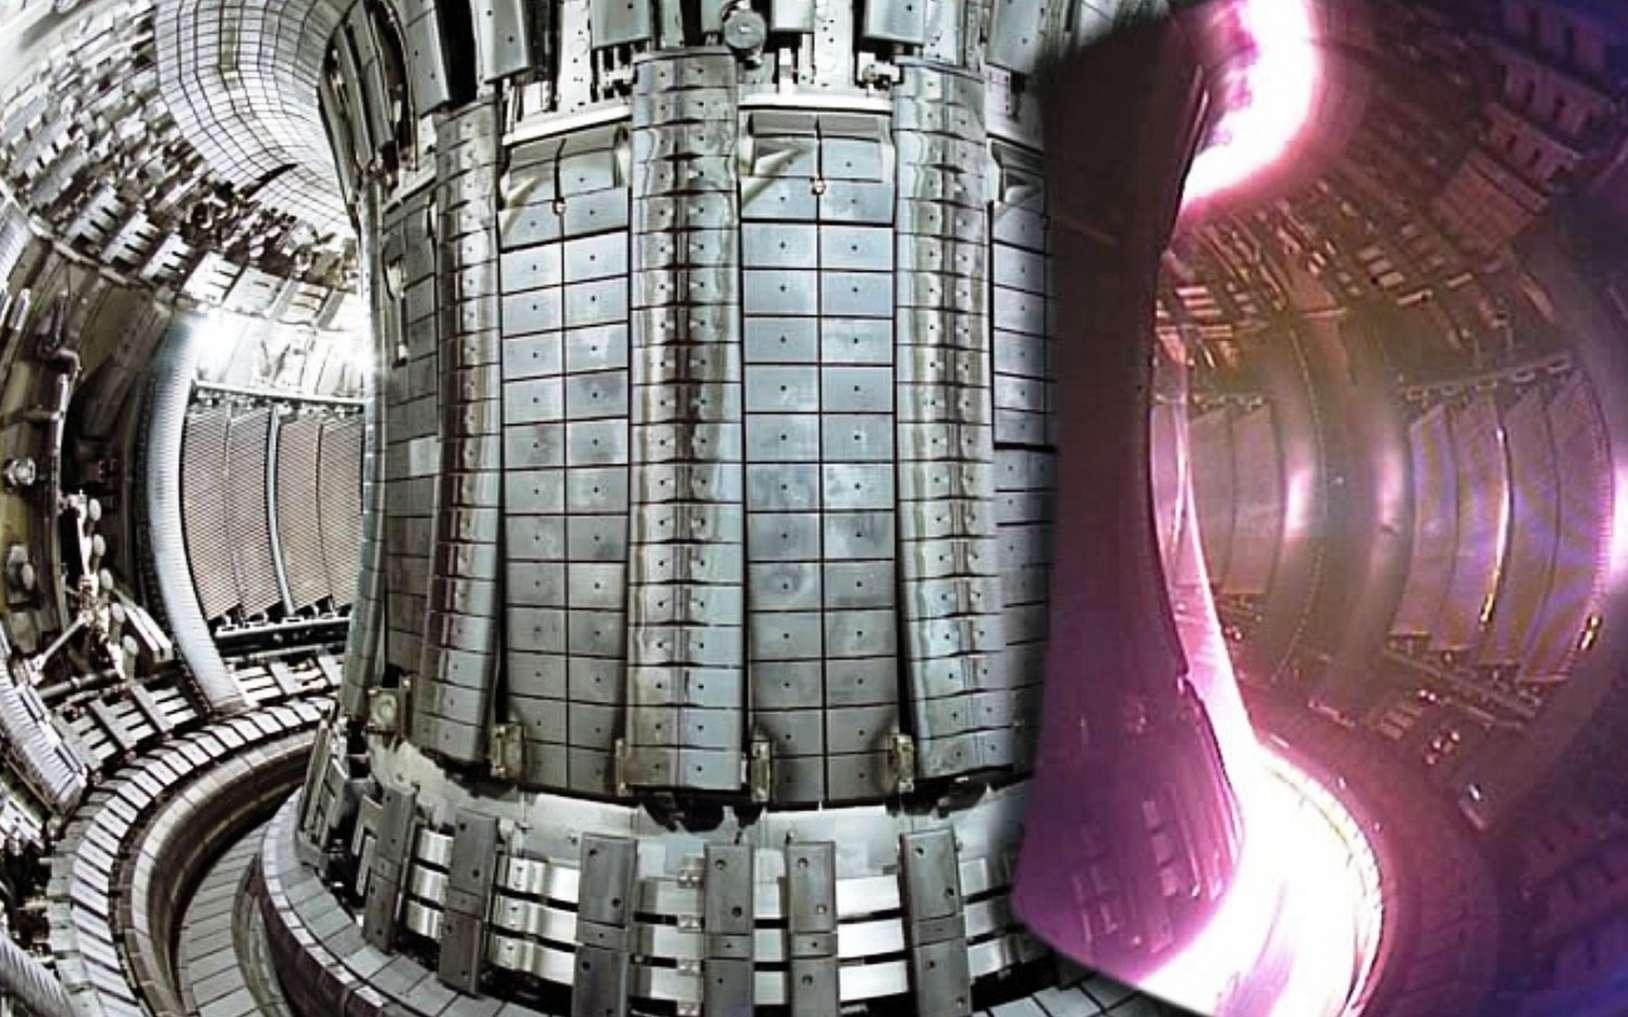 L'intérieur du tokamak européen, le Jet, avec du plasma en fonctionnement sur l'image de droite. © EFDA JET